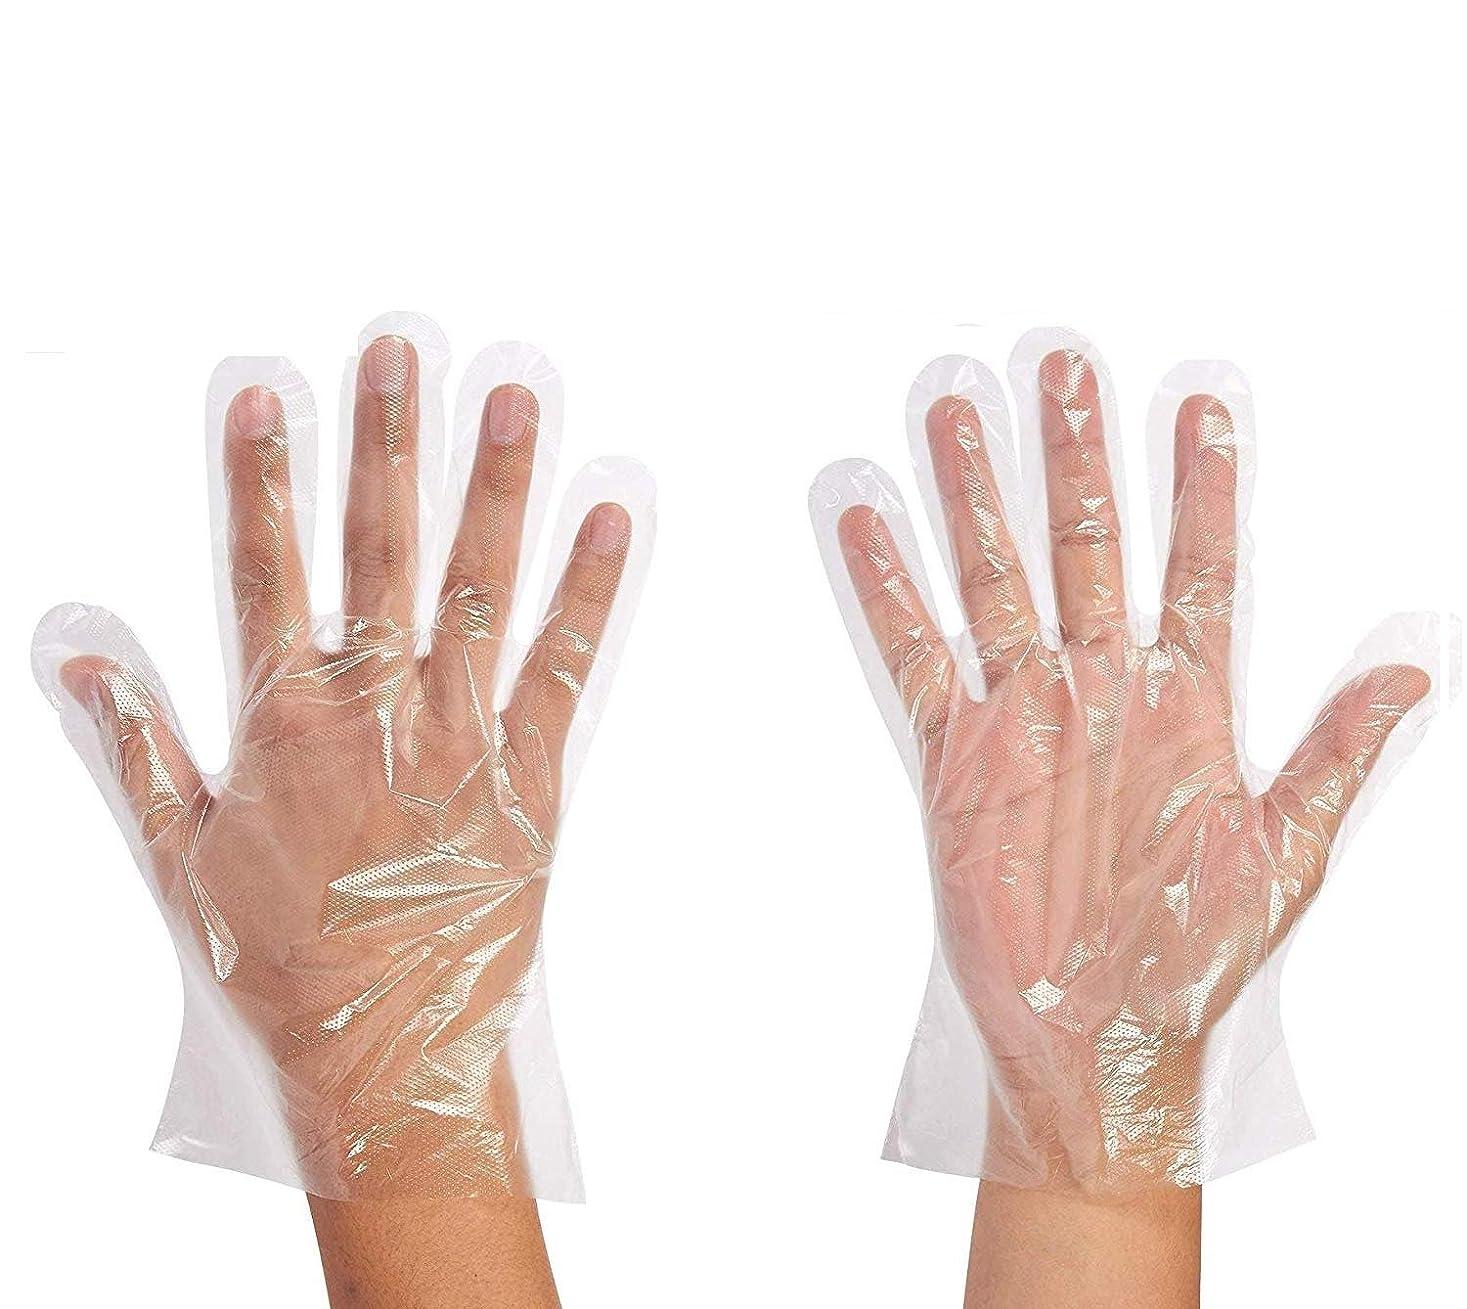 換気する散逸放射性使い捨て手袋 ポリエチレン 防水耐久性が強い上に軽く高品質 極薄 透明 500枚セット